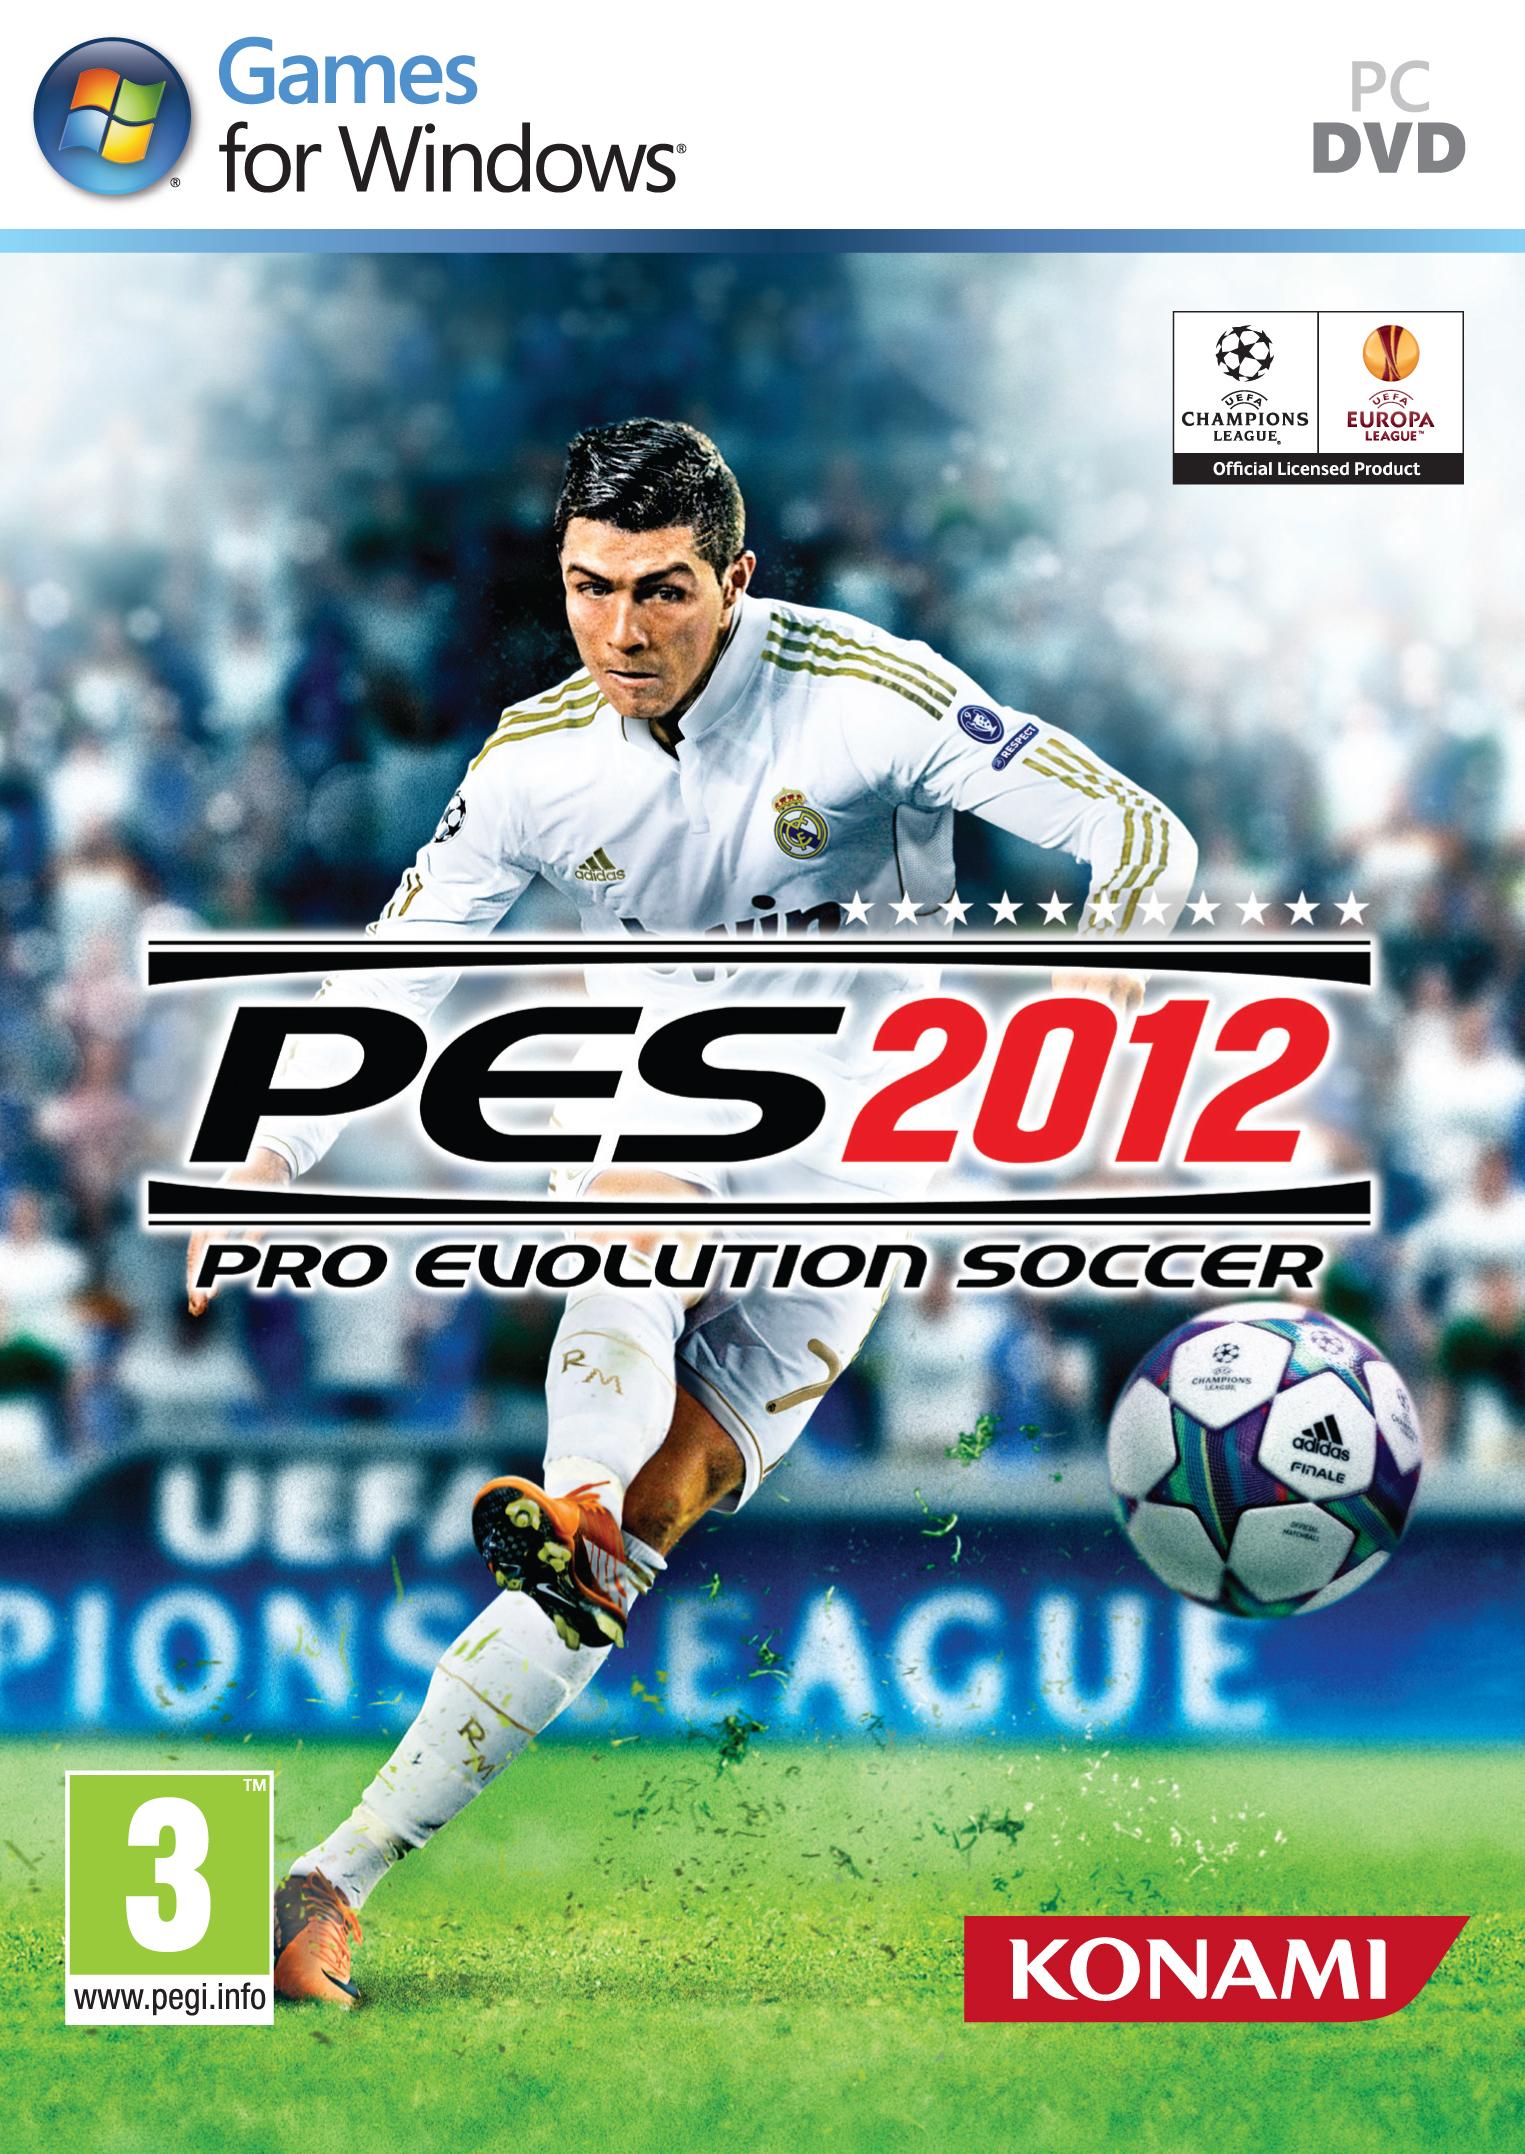 Pro evolution soccer free download.